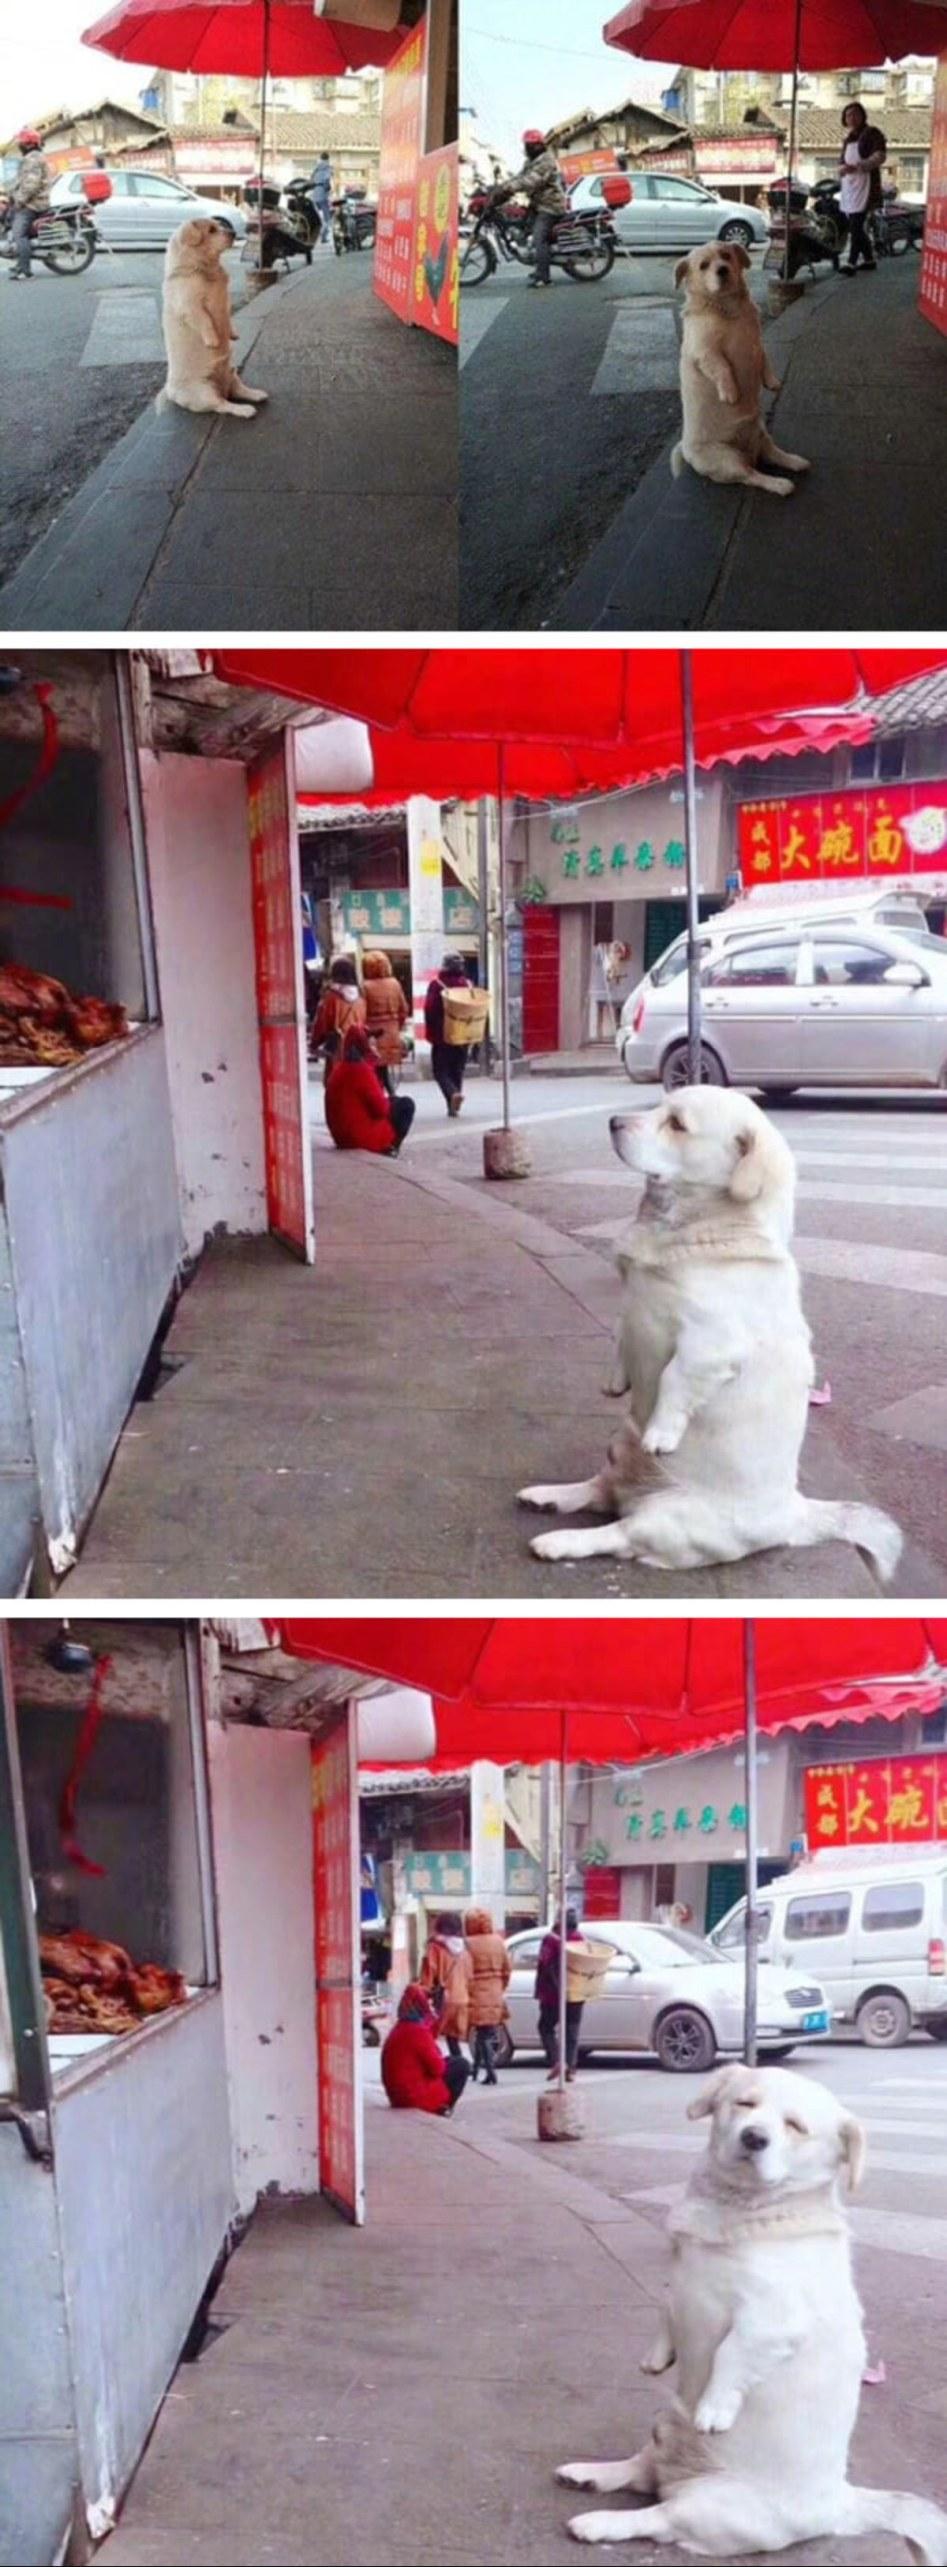 Doggo+shamelessly+begging+for+food_b884b4_6494200.jpg